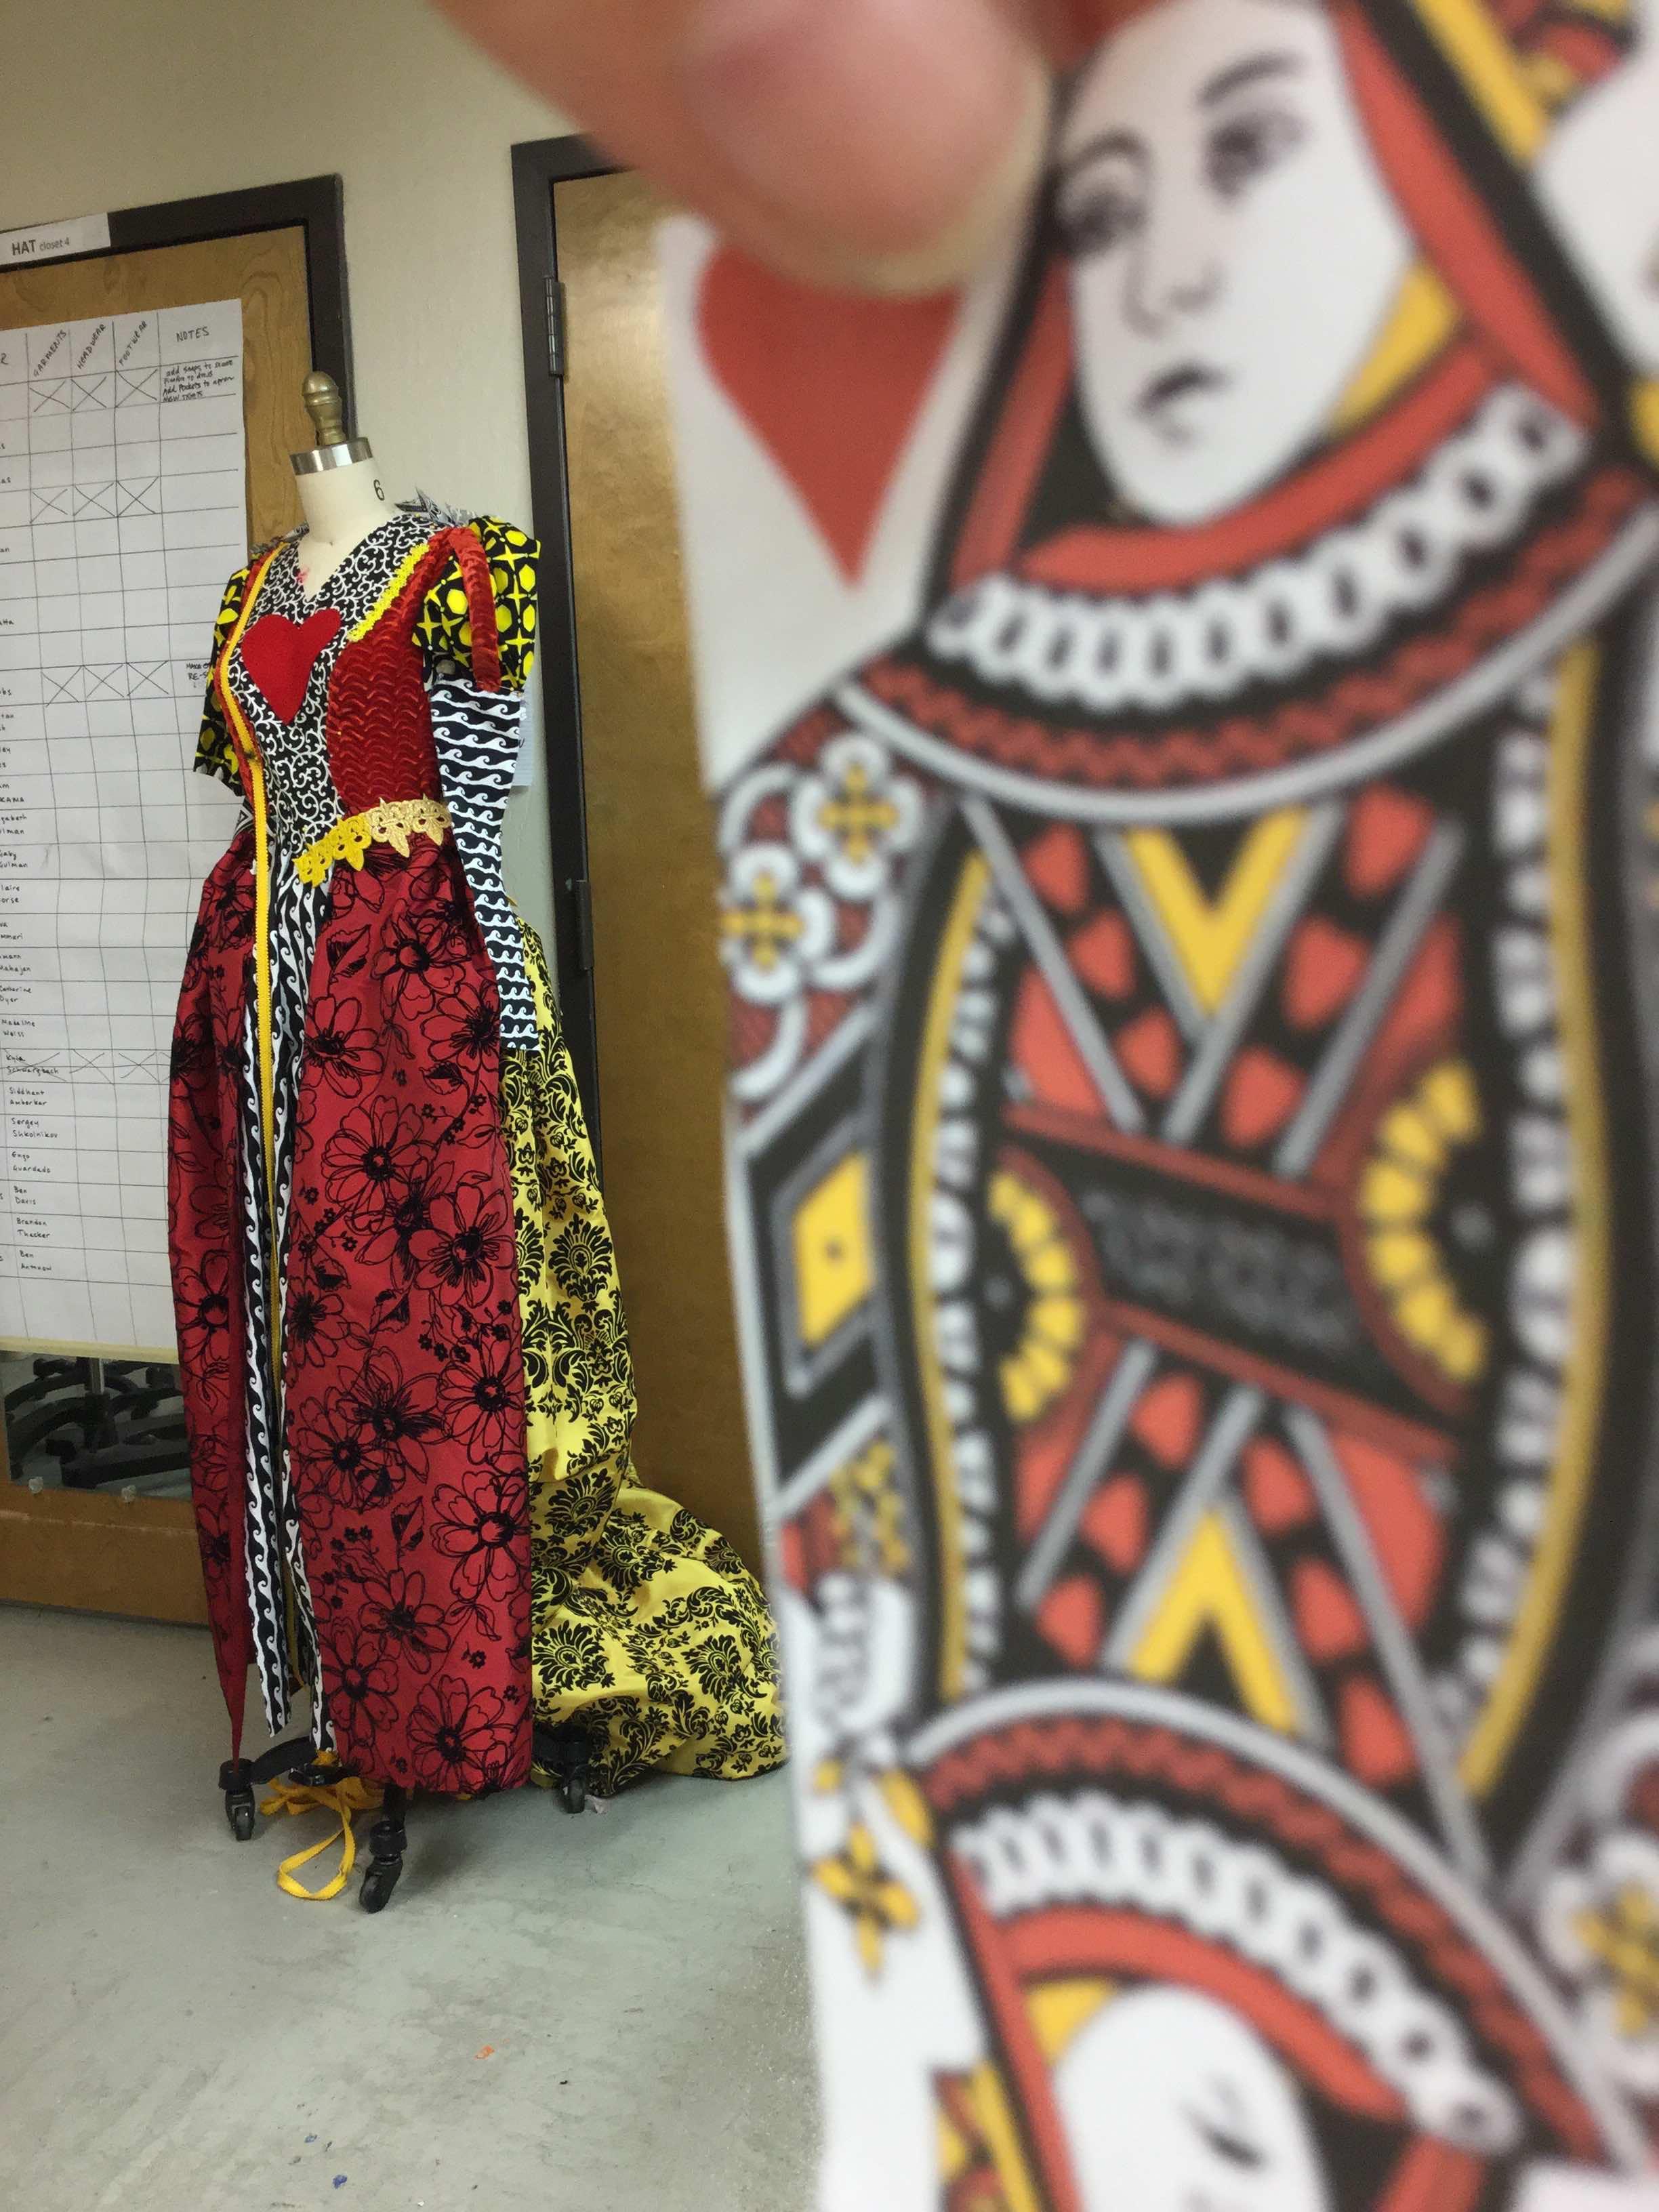 Queen of Hearts Dress, in progress